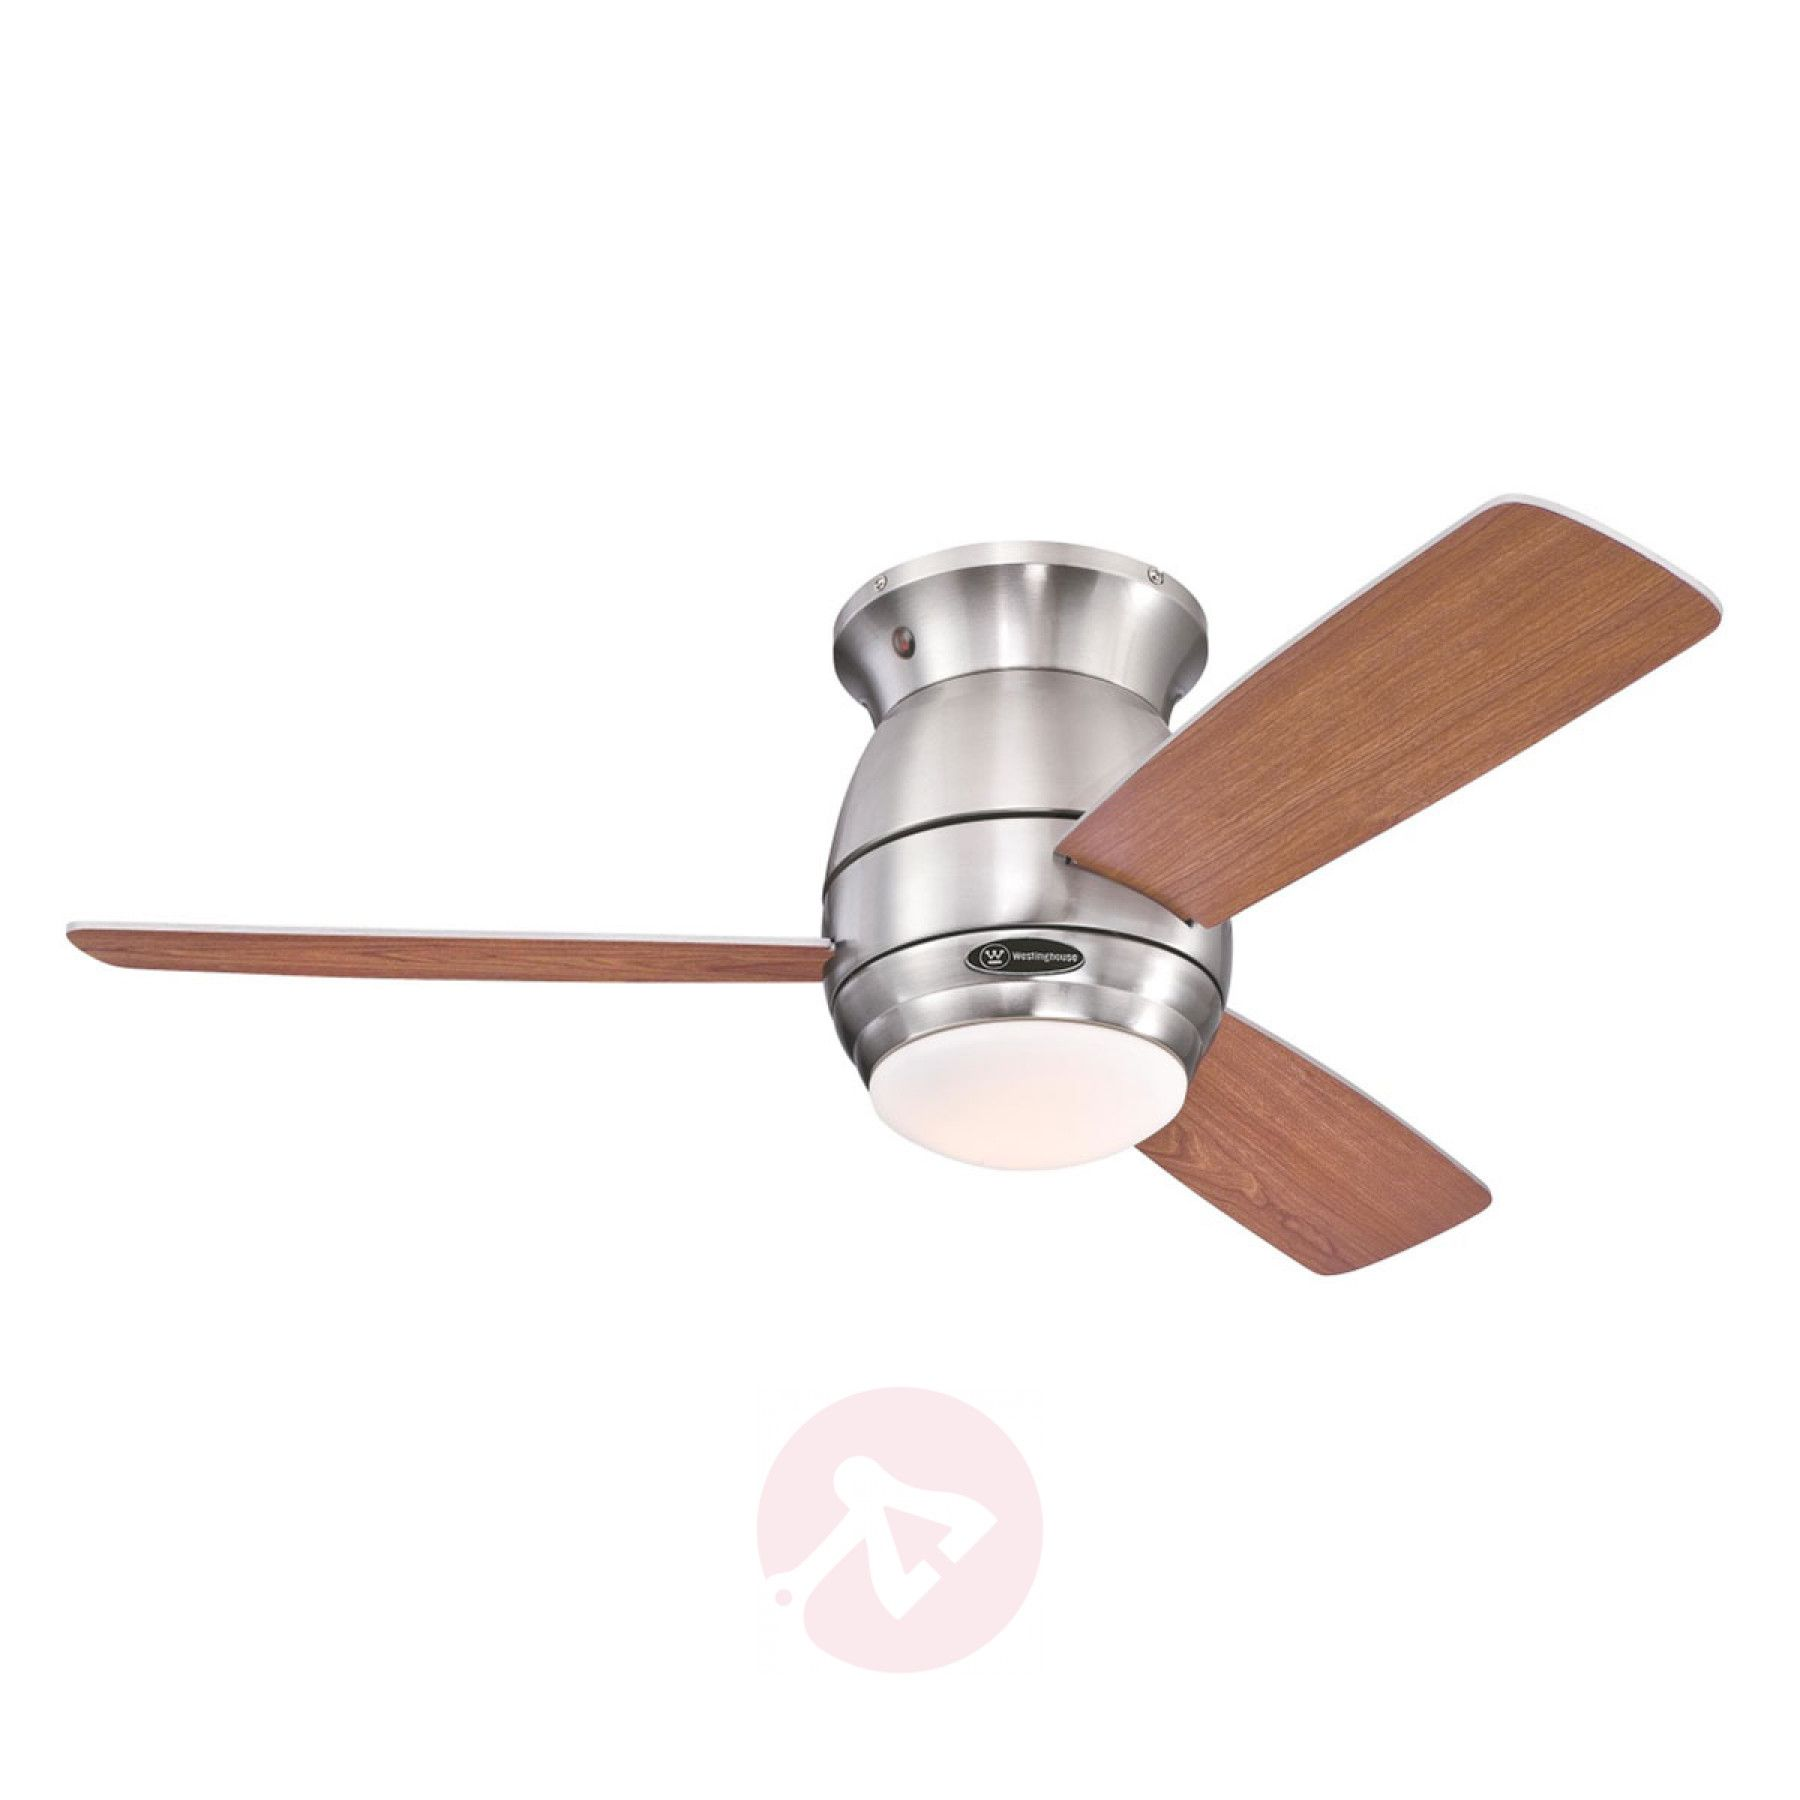 Westinghouse Halley Ventilator Flugel Ahorn Kirsch Ventilator Rotes Glas Deckenventilator